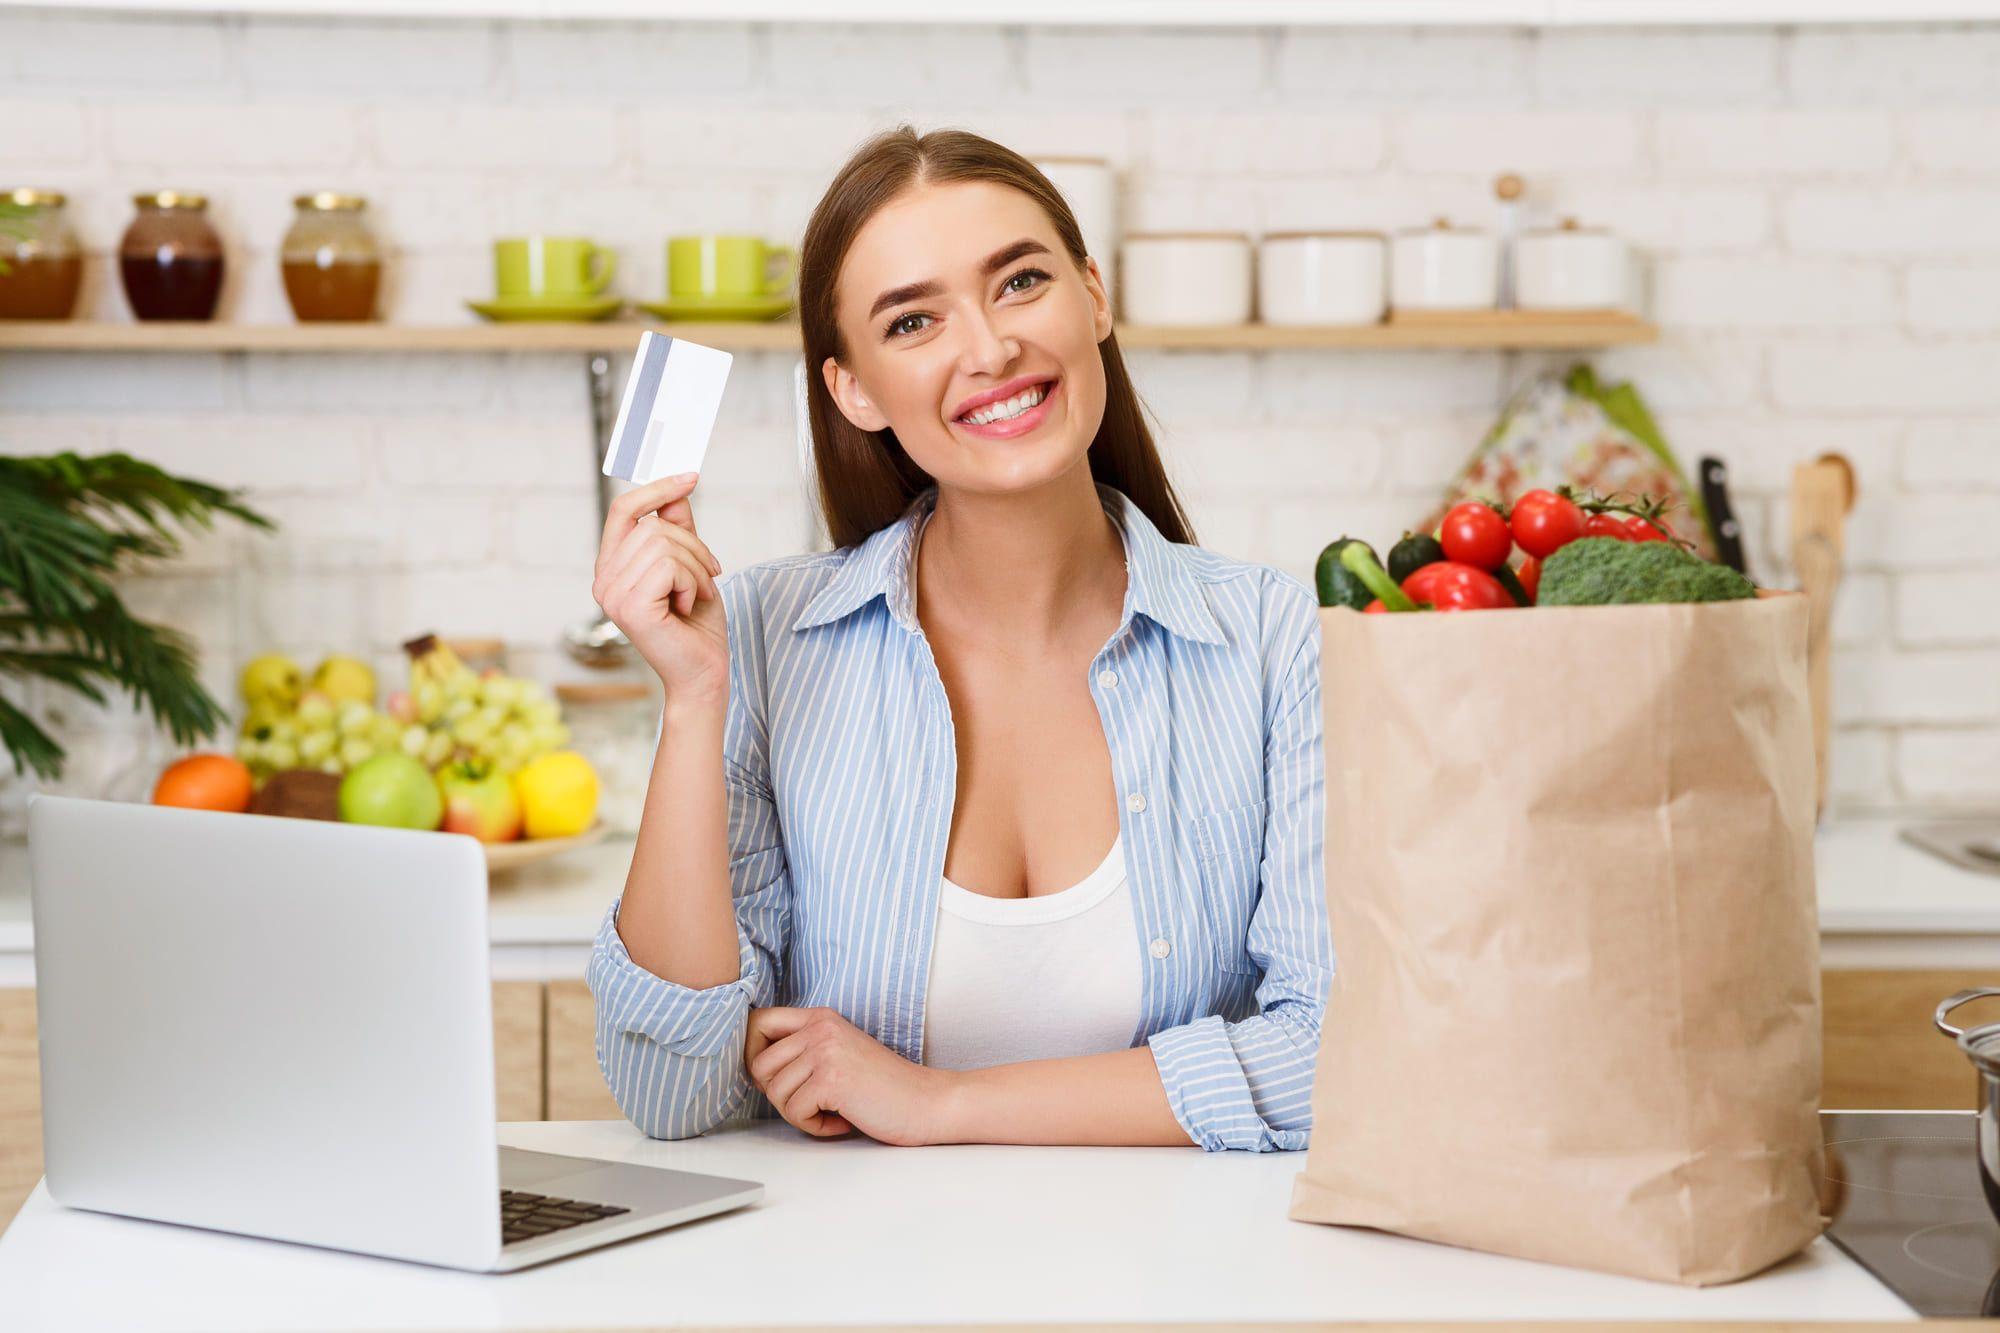 クレジットカード払いで節約になる? メリット・デメリットを徹底解説